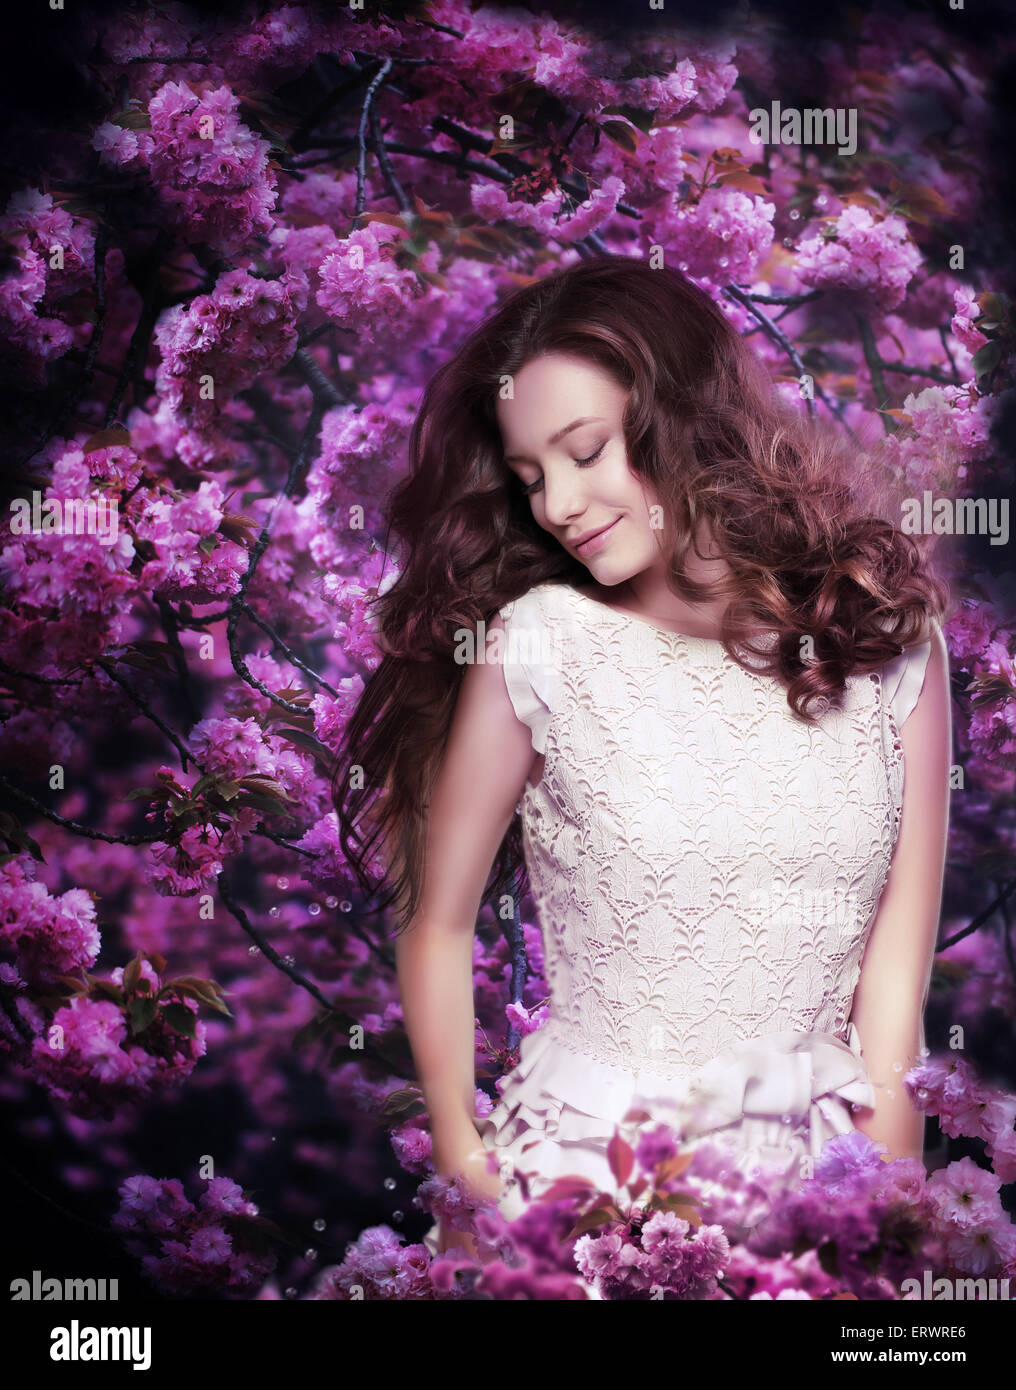 Pure beauté. Jeune femme rêveuse parmi les arbres en fleurs Photo Stock